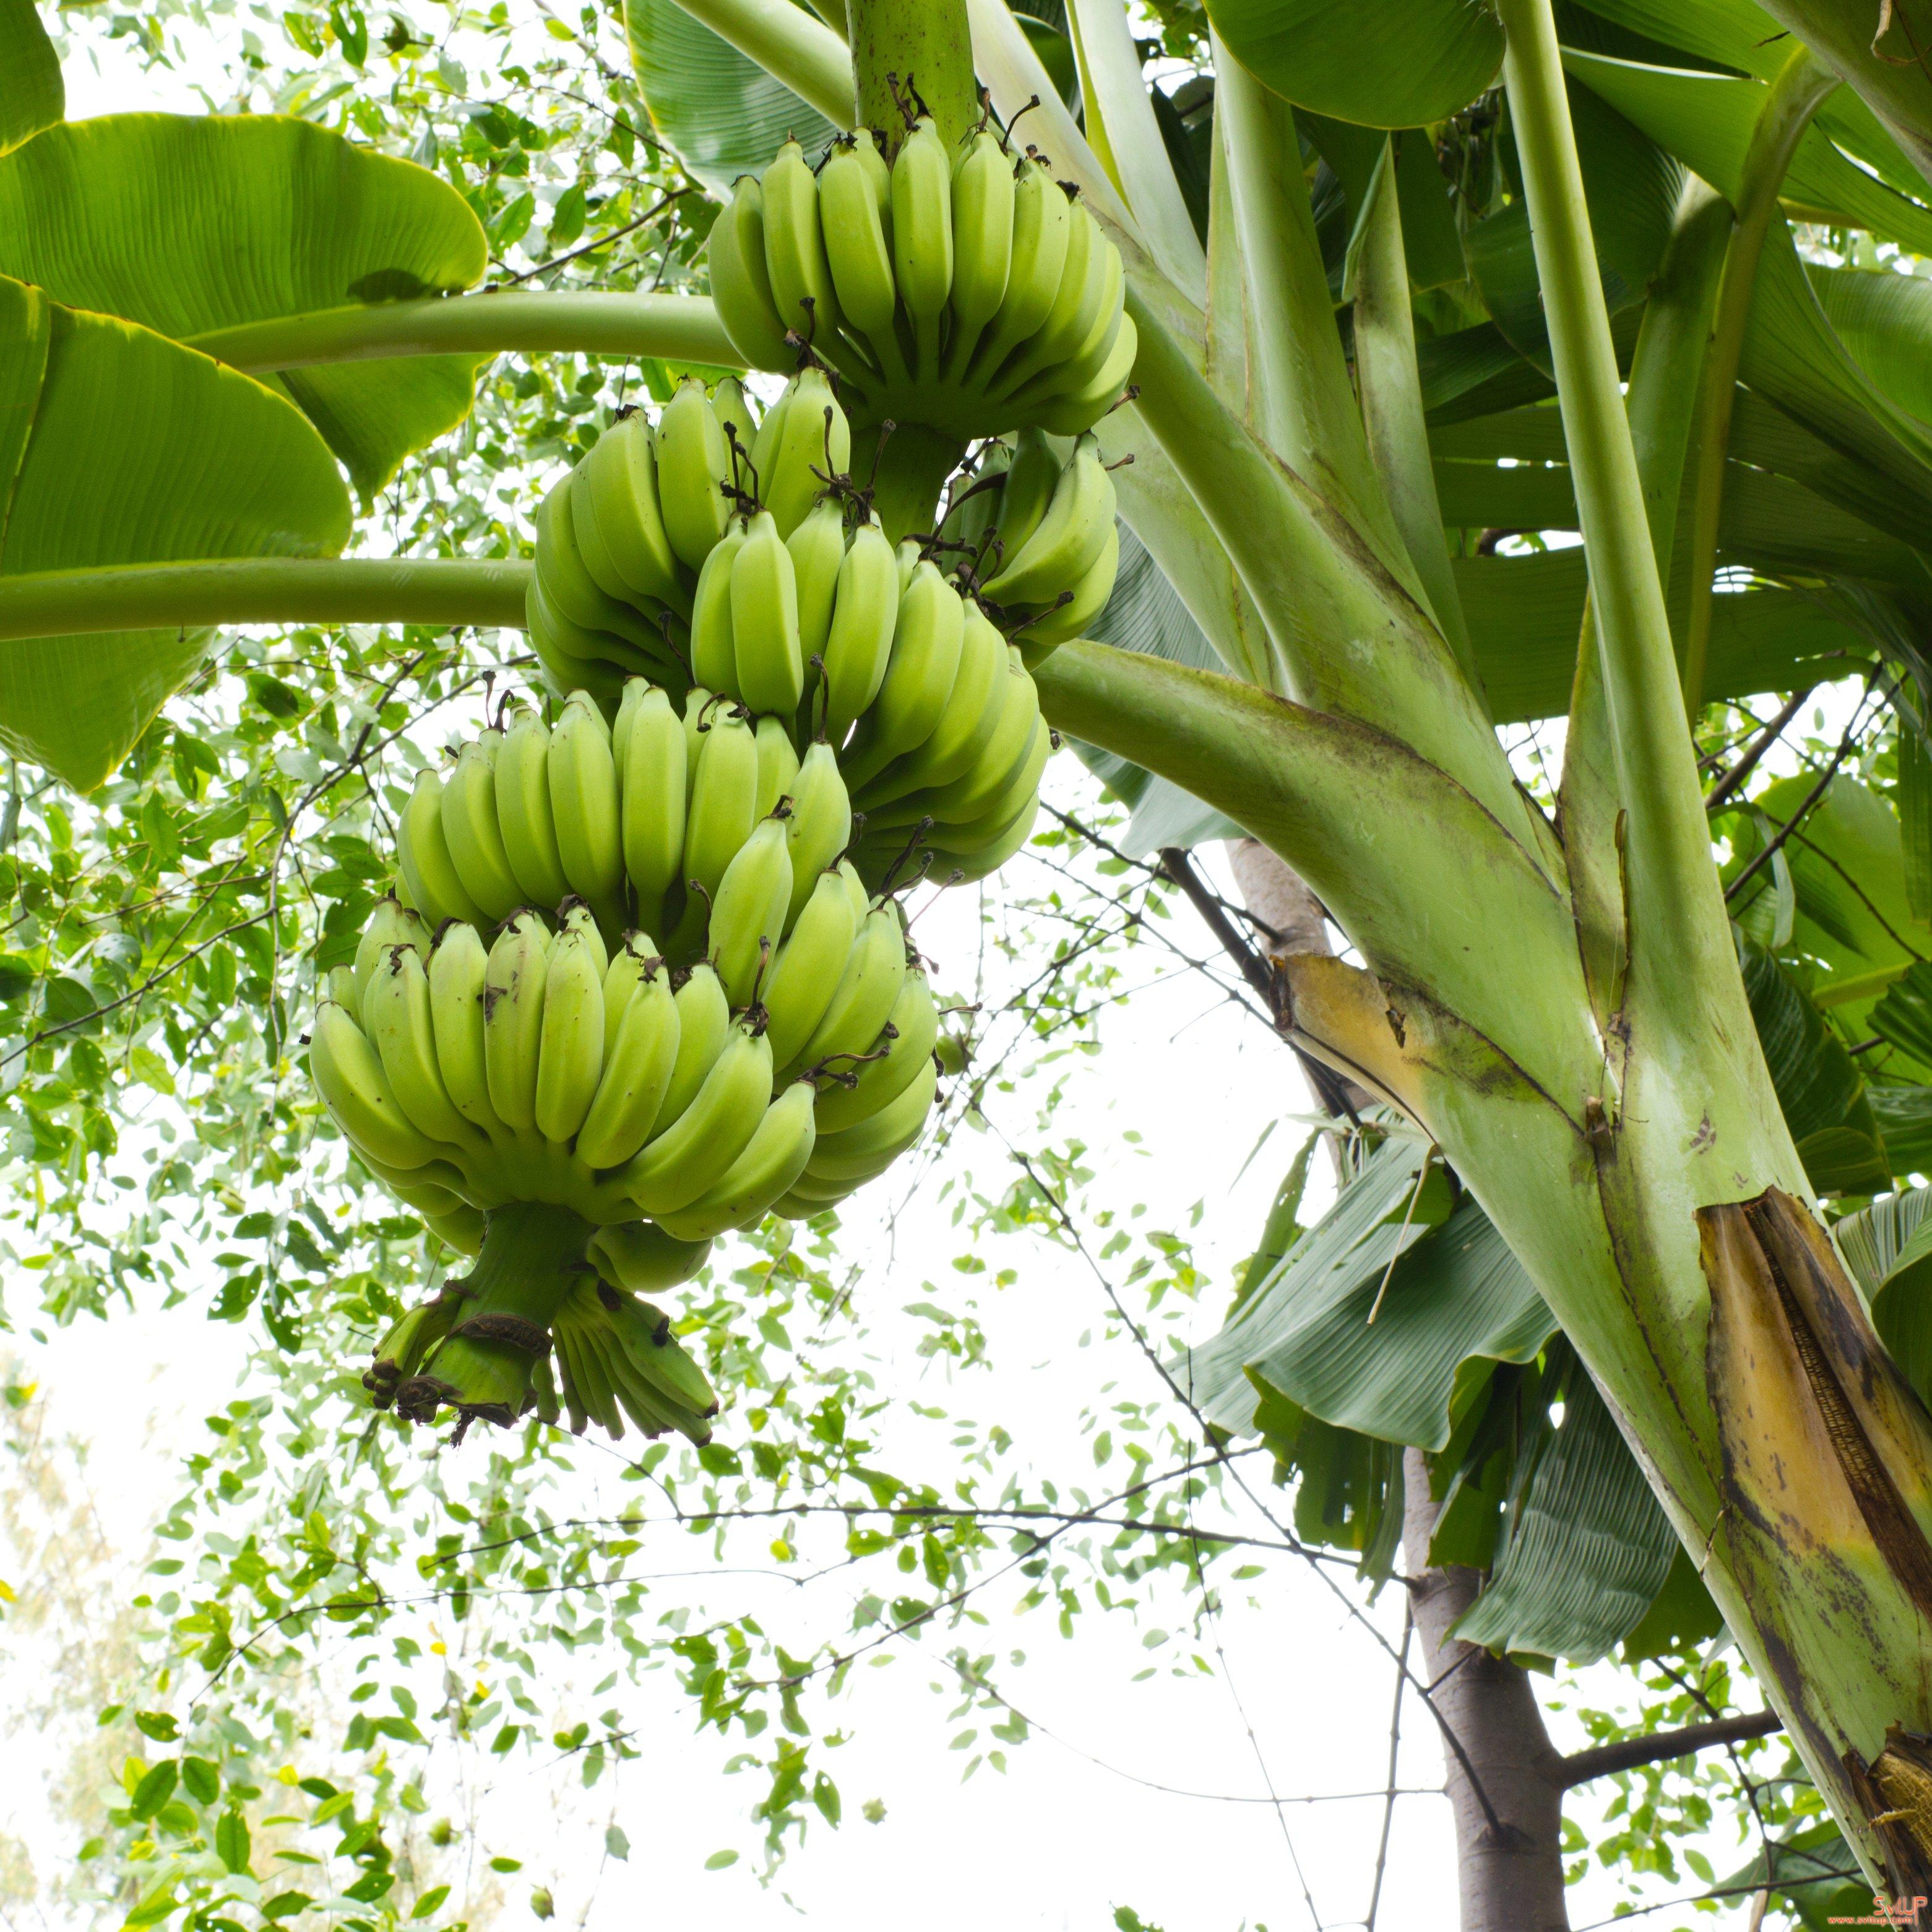 Как жуют бананы фото кольцевым движением